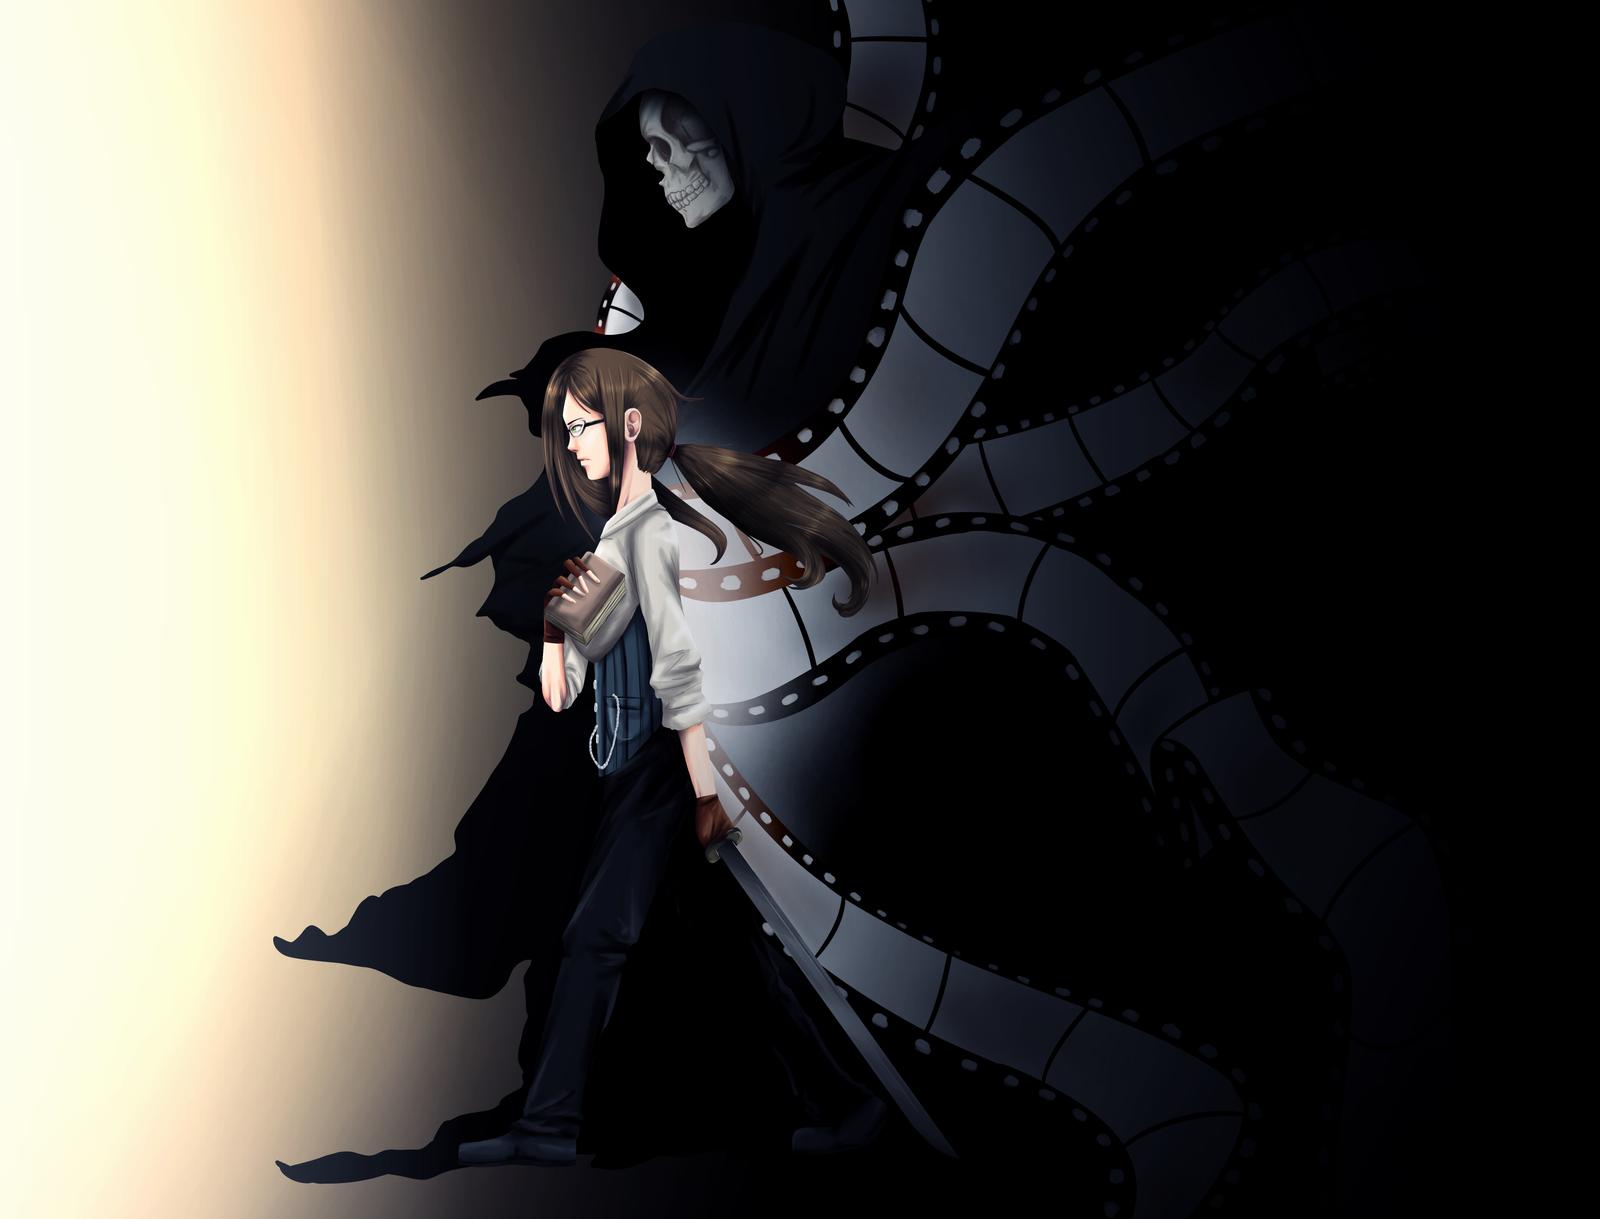 Black Butler OC - Grim... Cool Grim Reaper Drawings